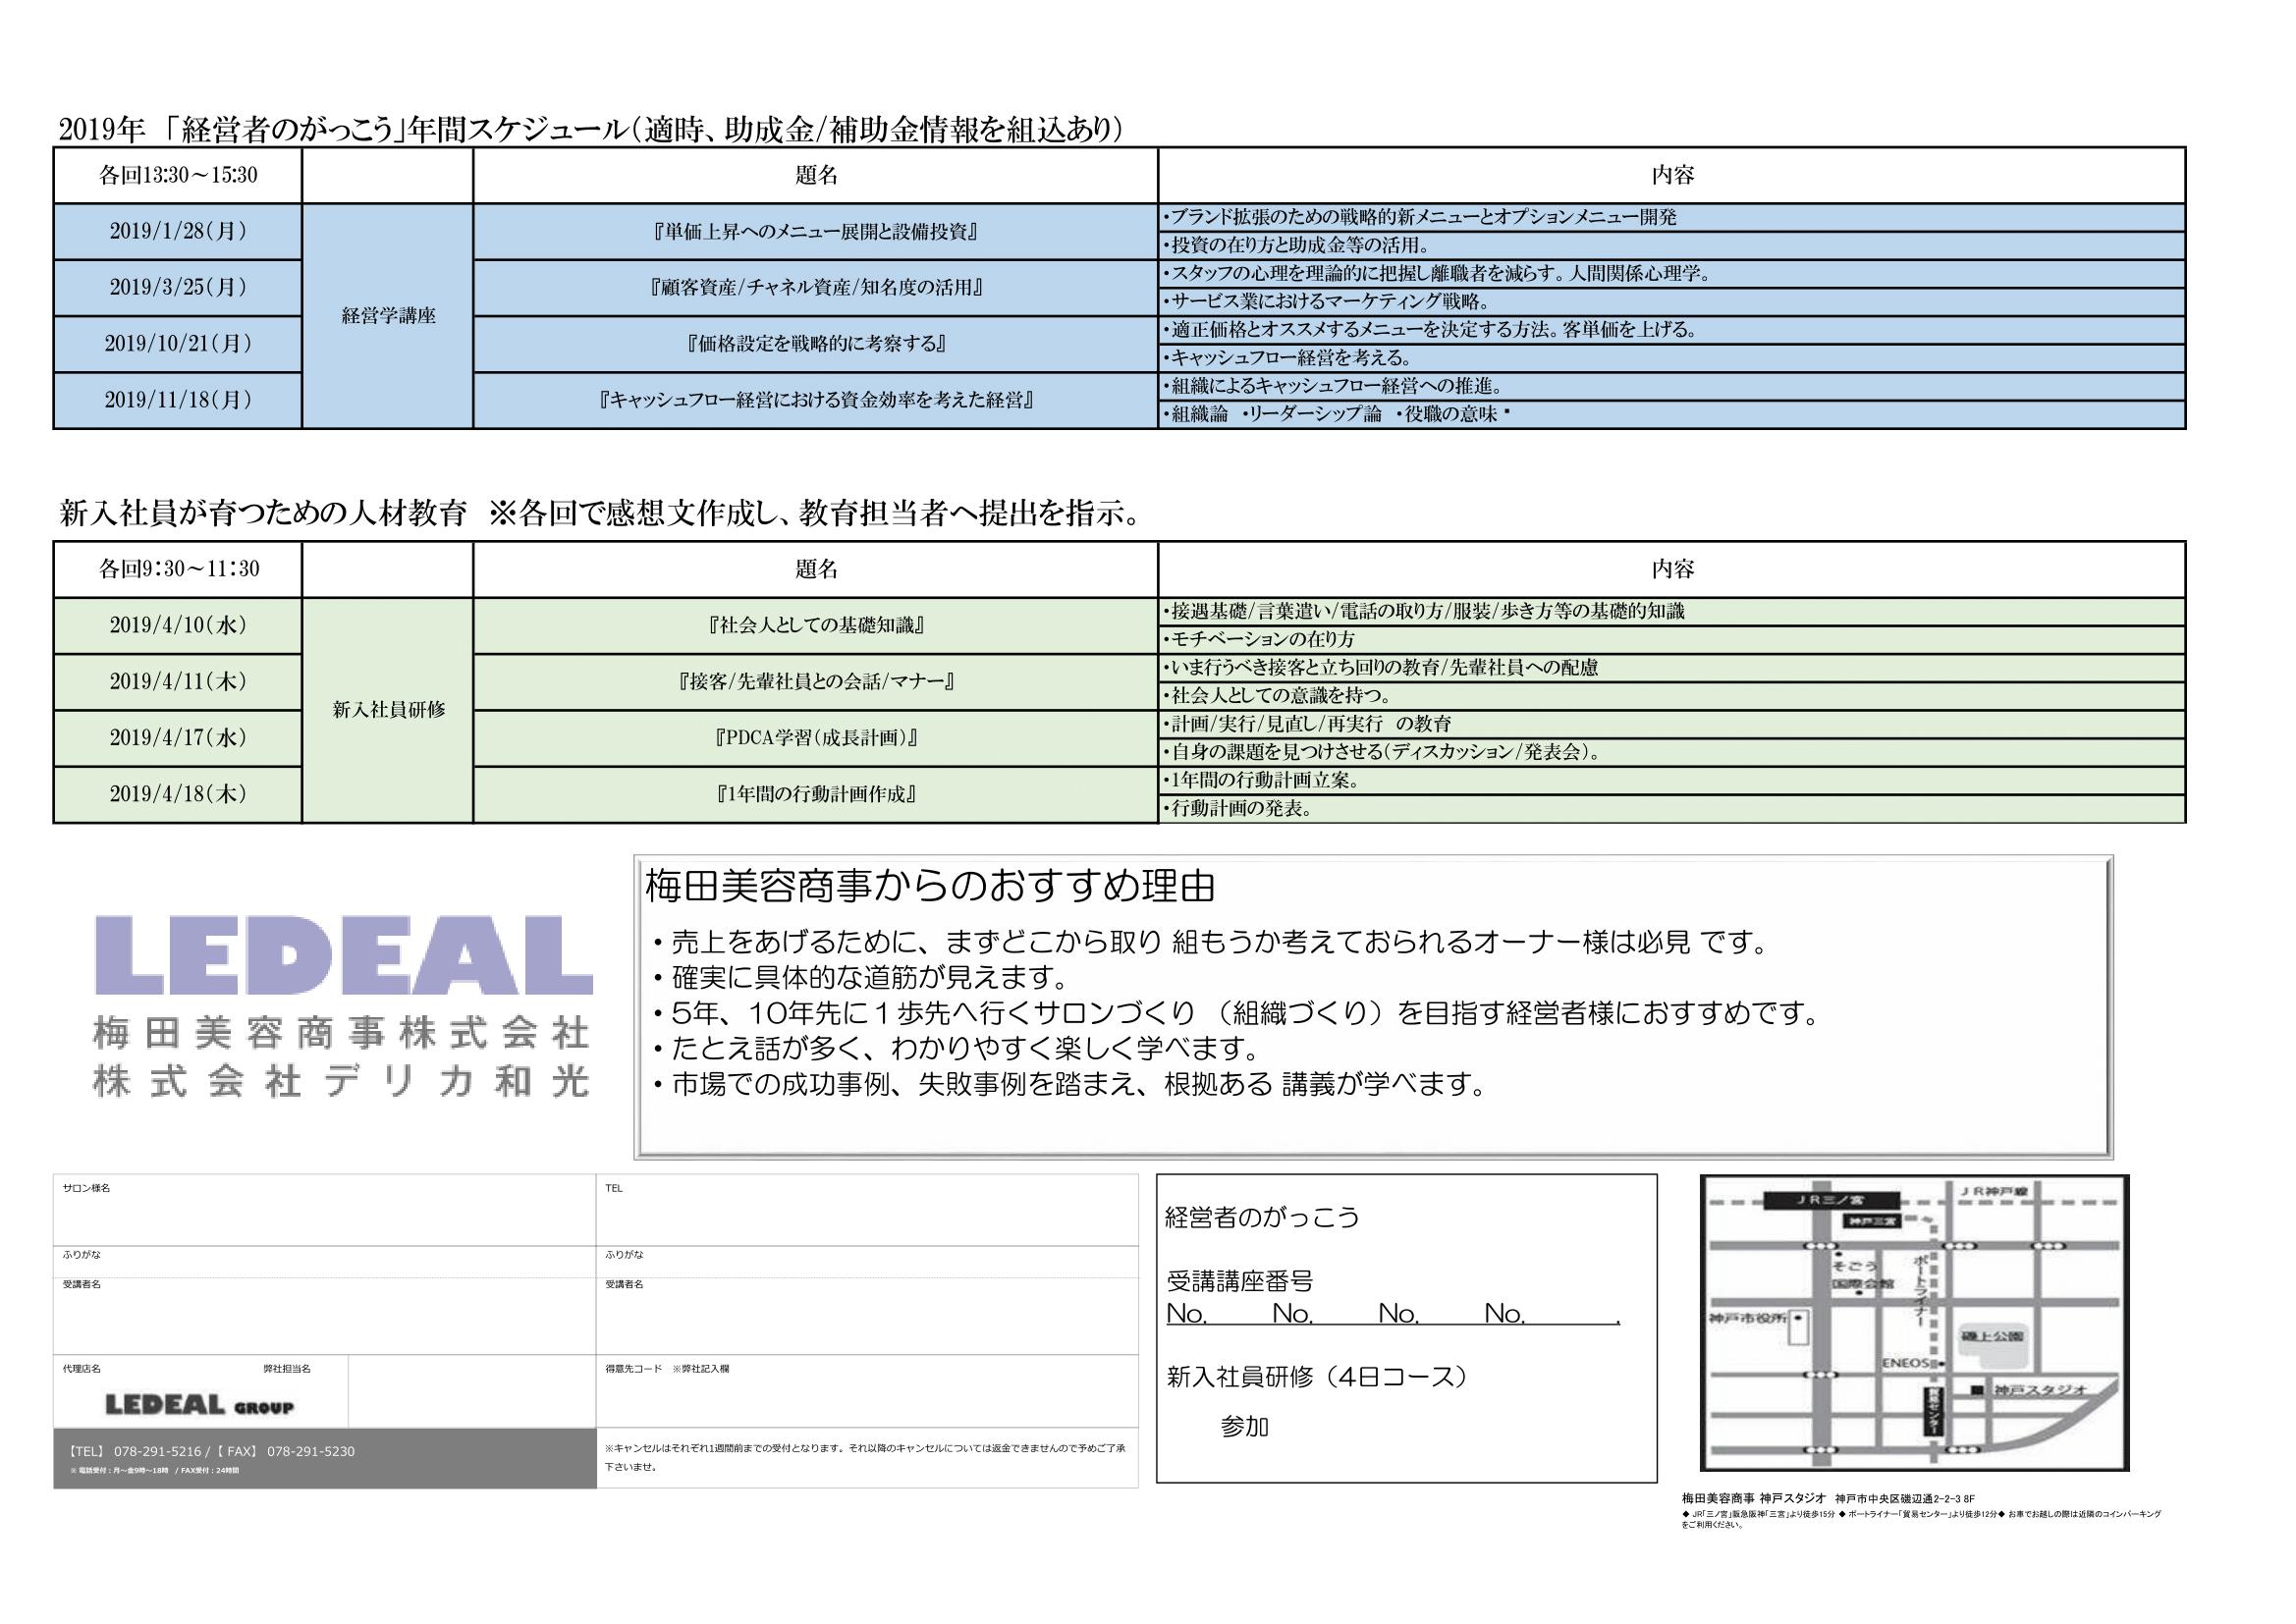 【神戸】経営者のがっこう ① - ④